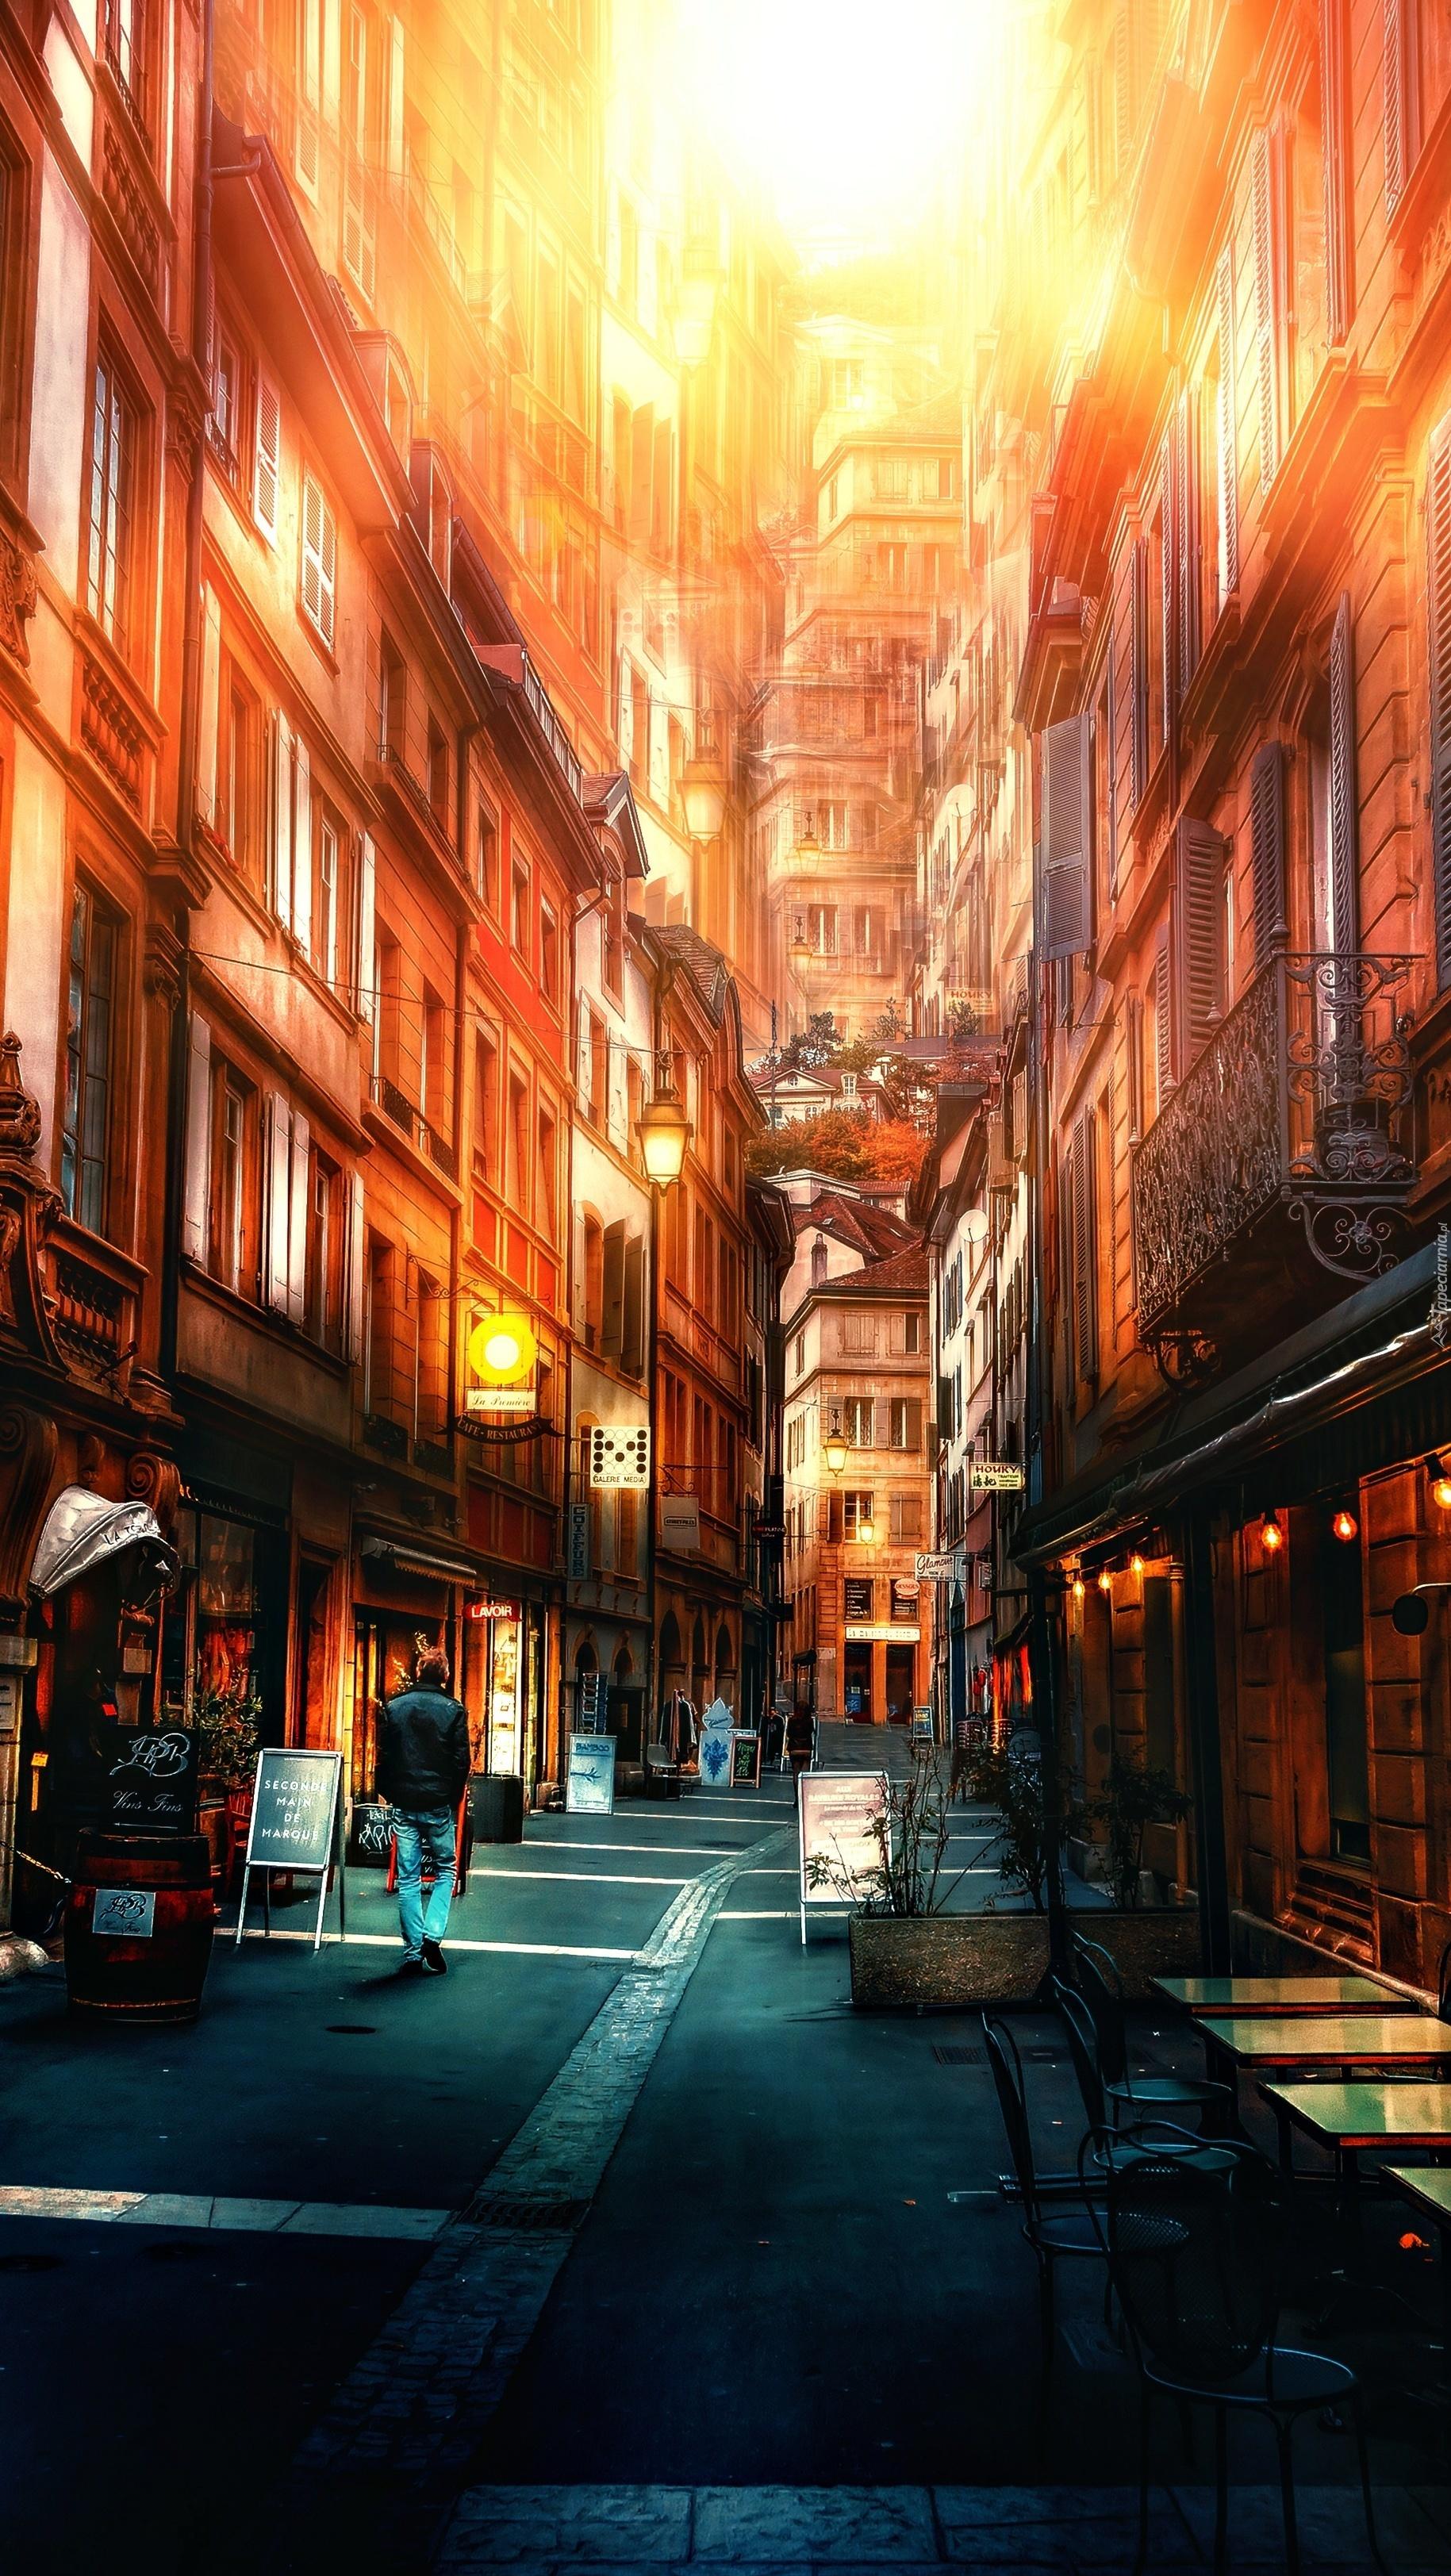 Wysokie domy w wąskiej uliczce